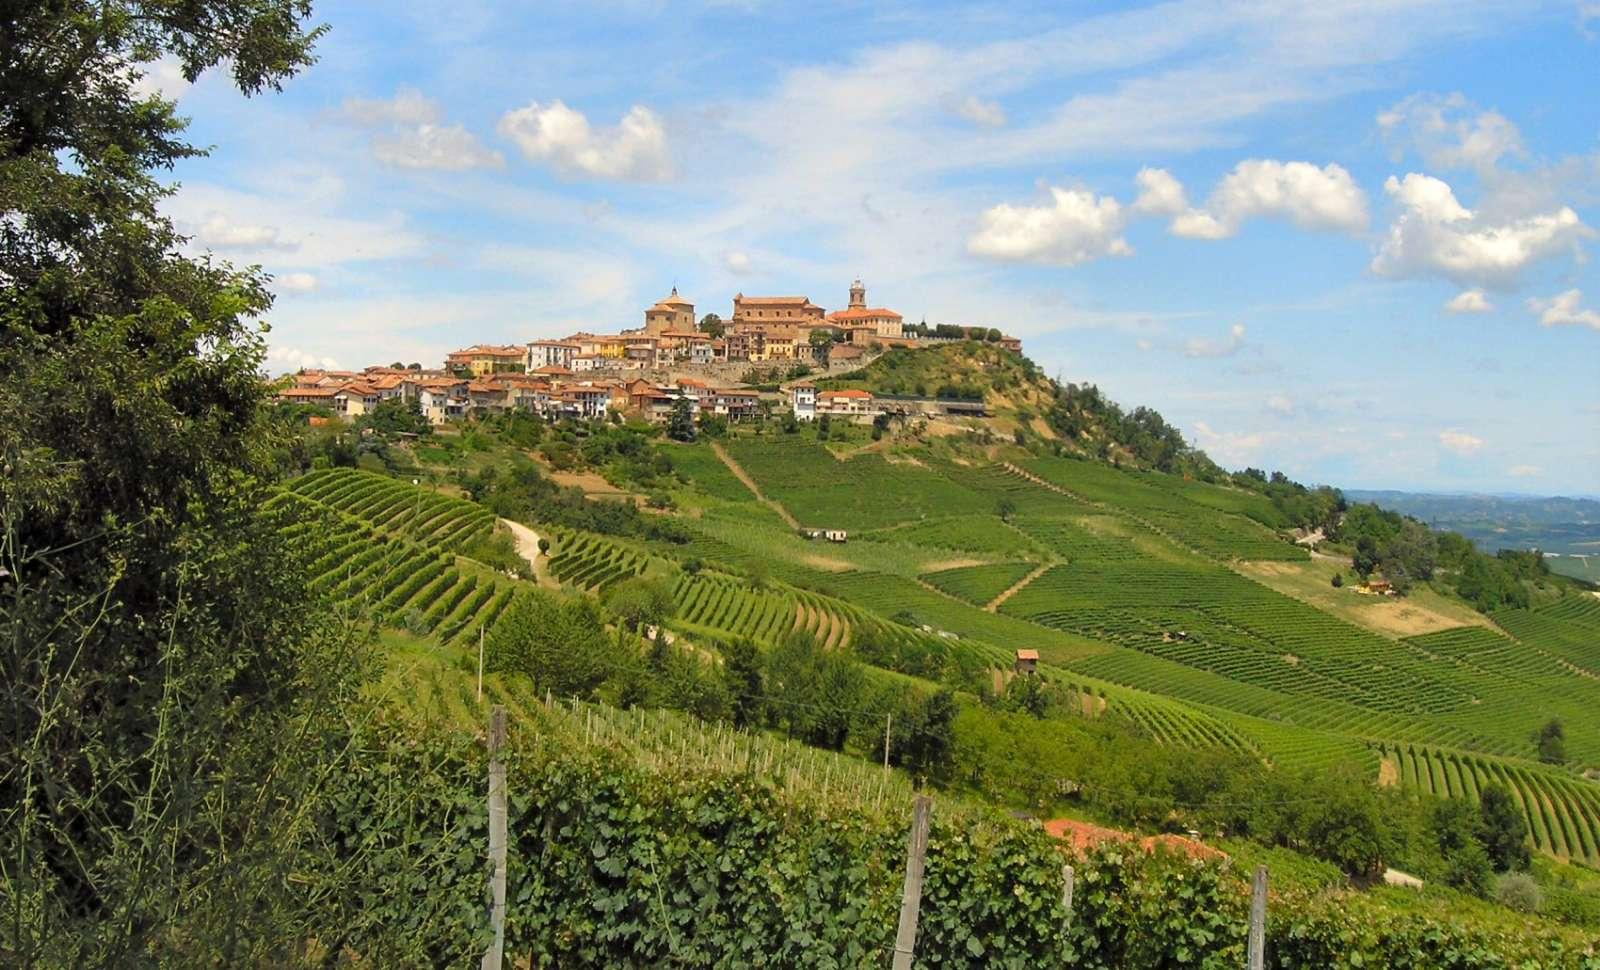 La Morras smukke placering på en bakketop omgivet af vinmarker